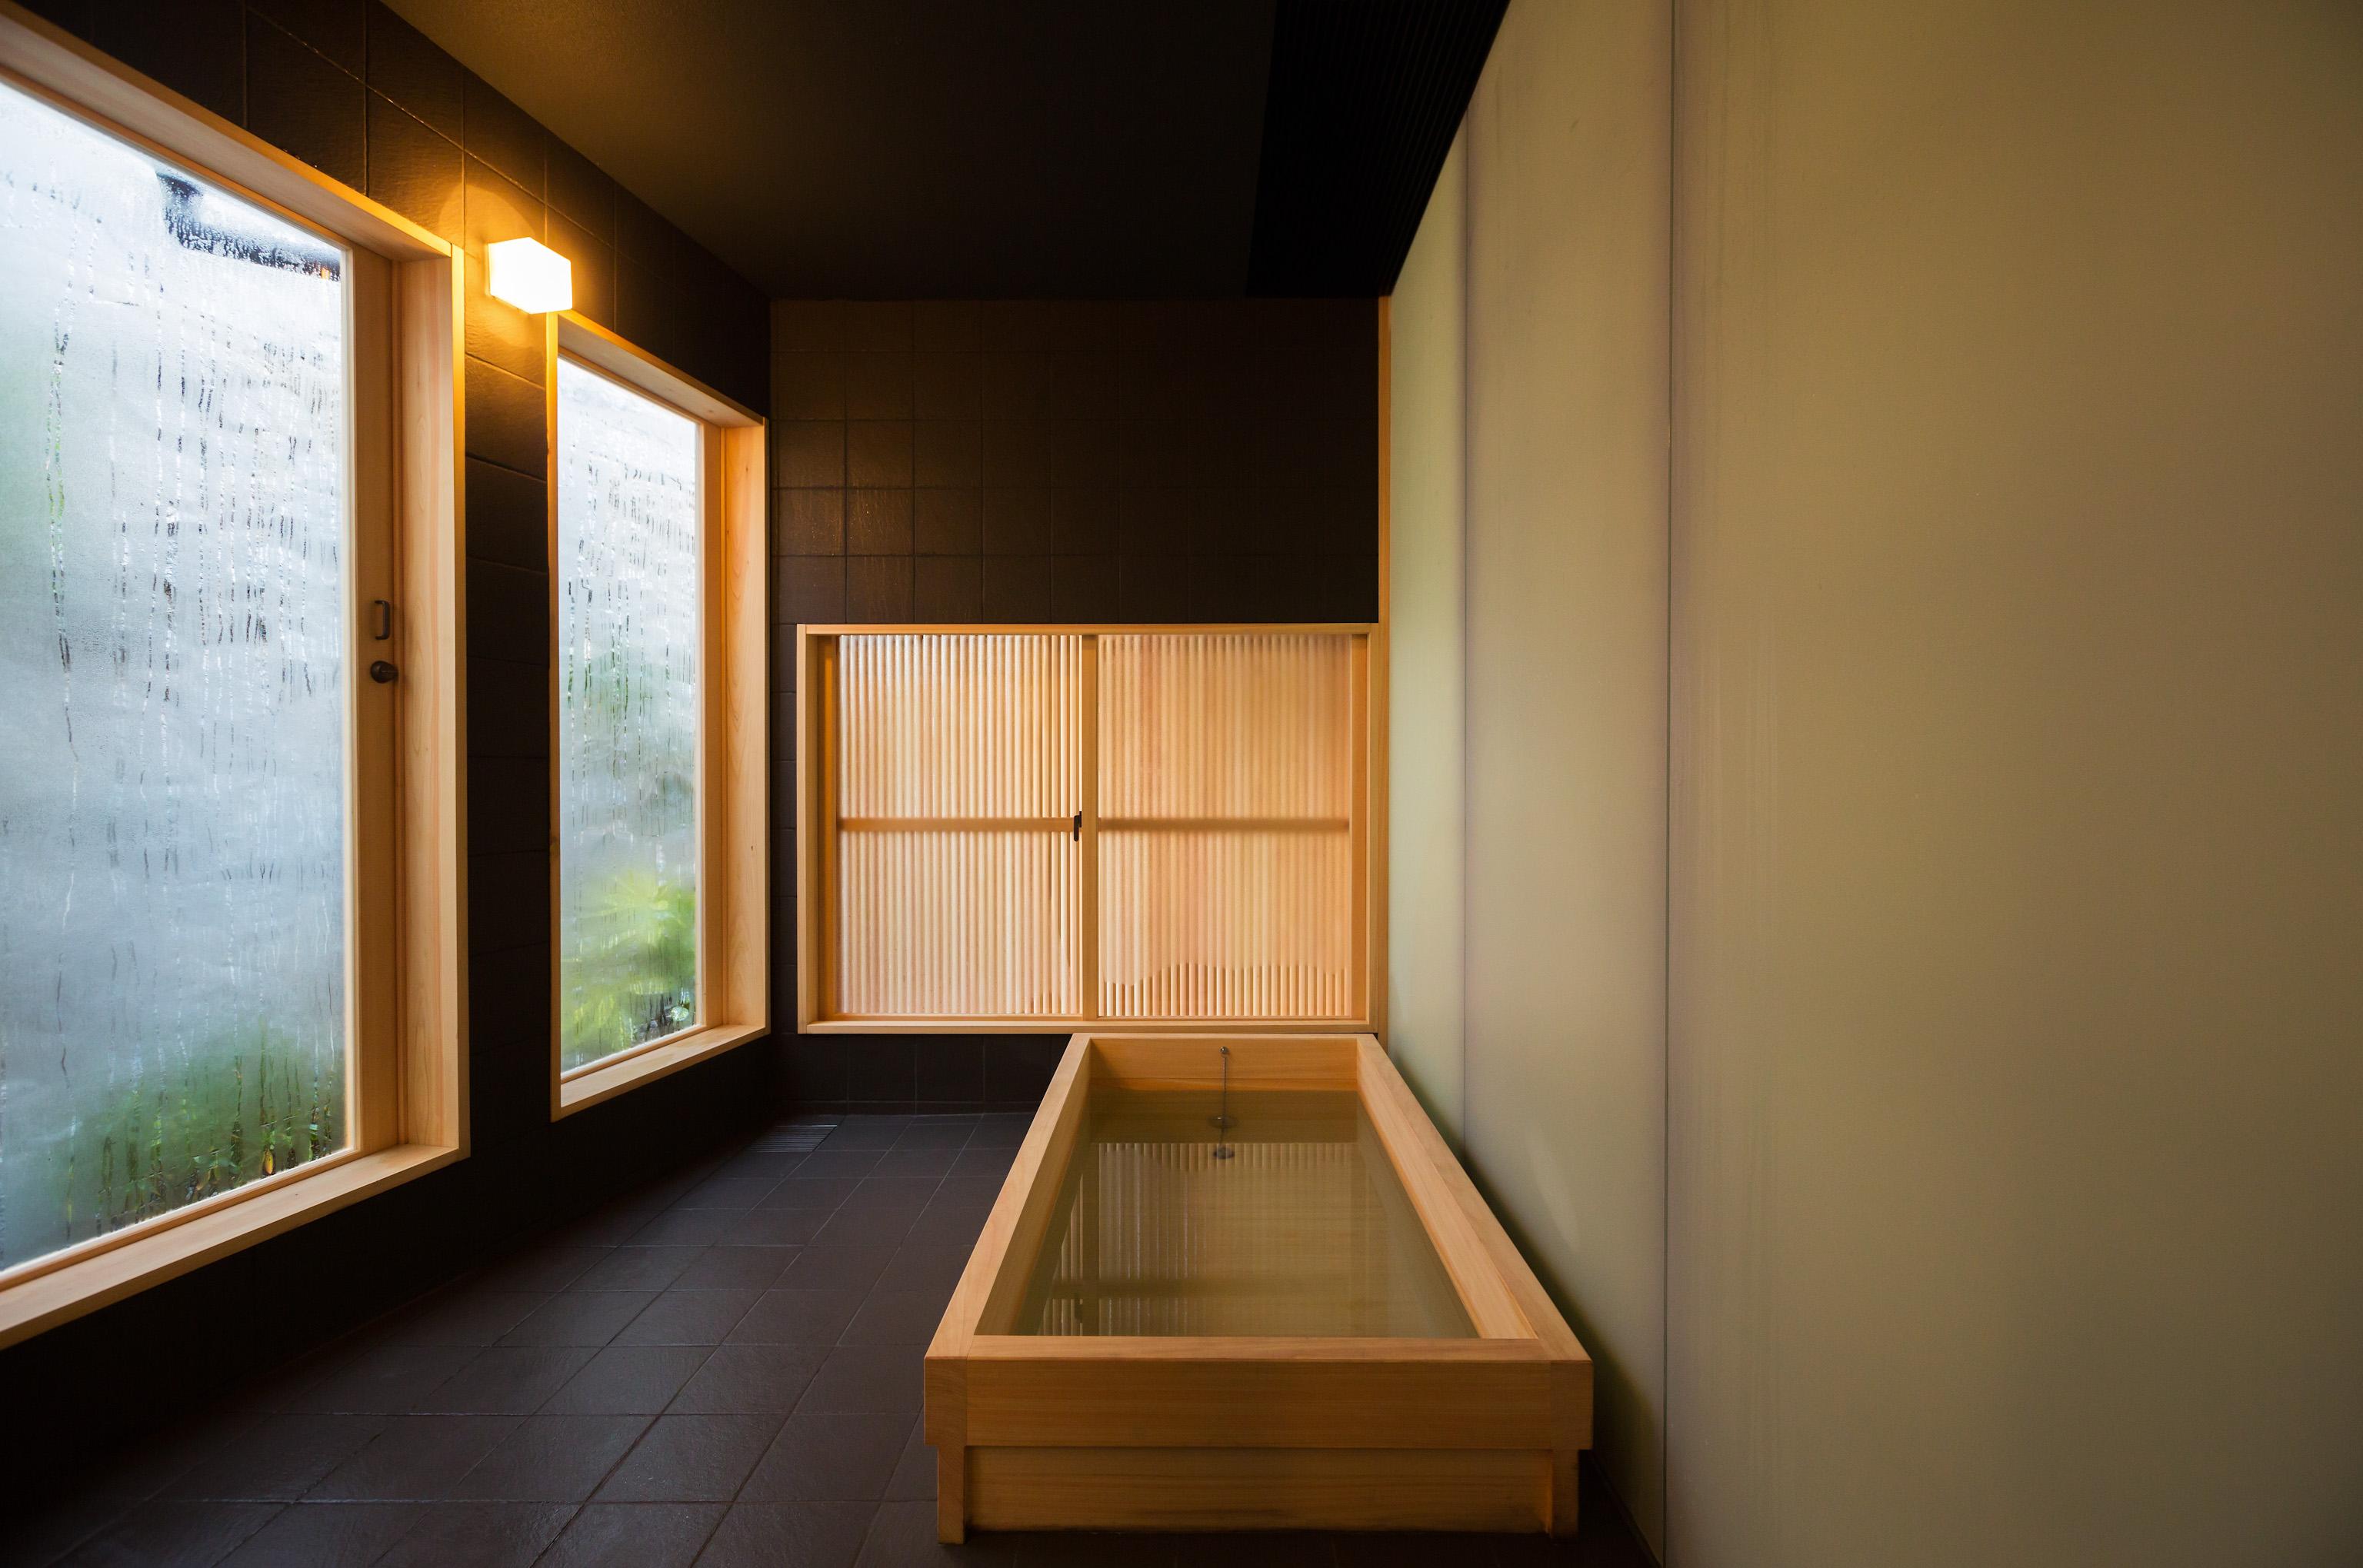 広々とした浴室。大きな檜の浴槽で足を伸ばして、尾道観光の疲れを癒してください。